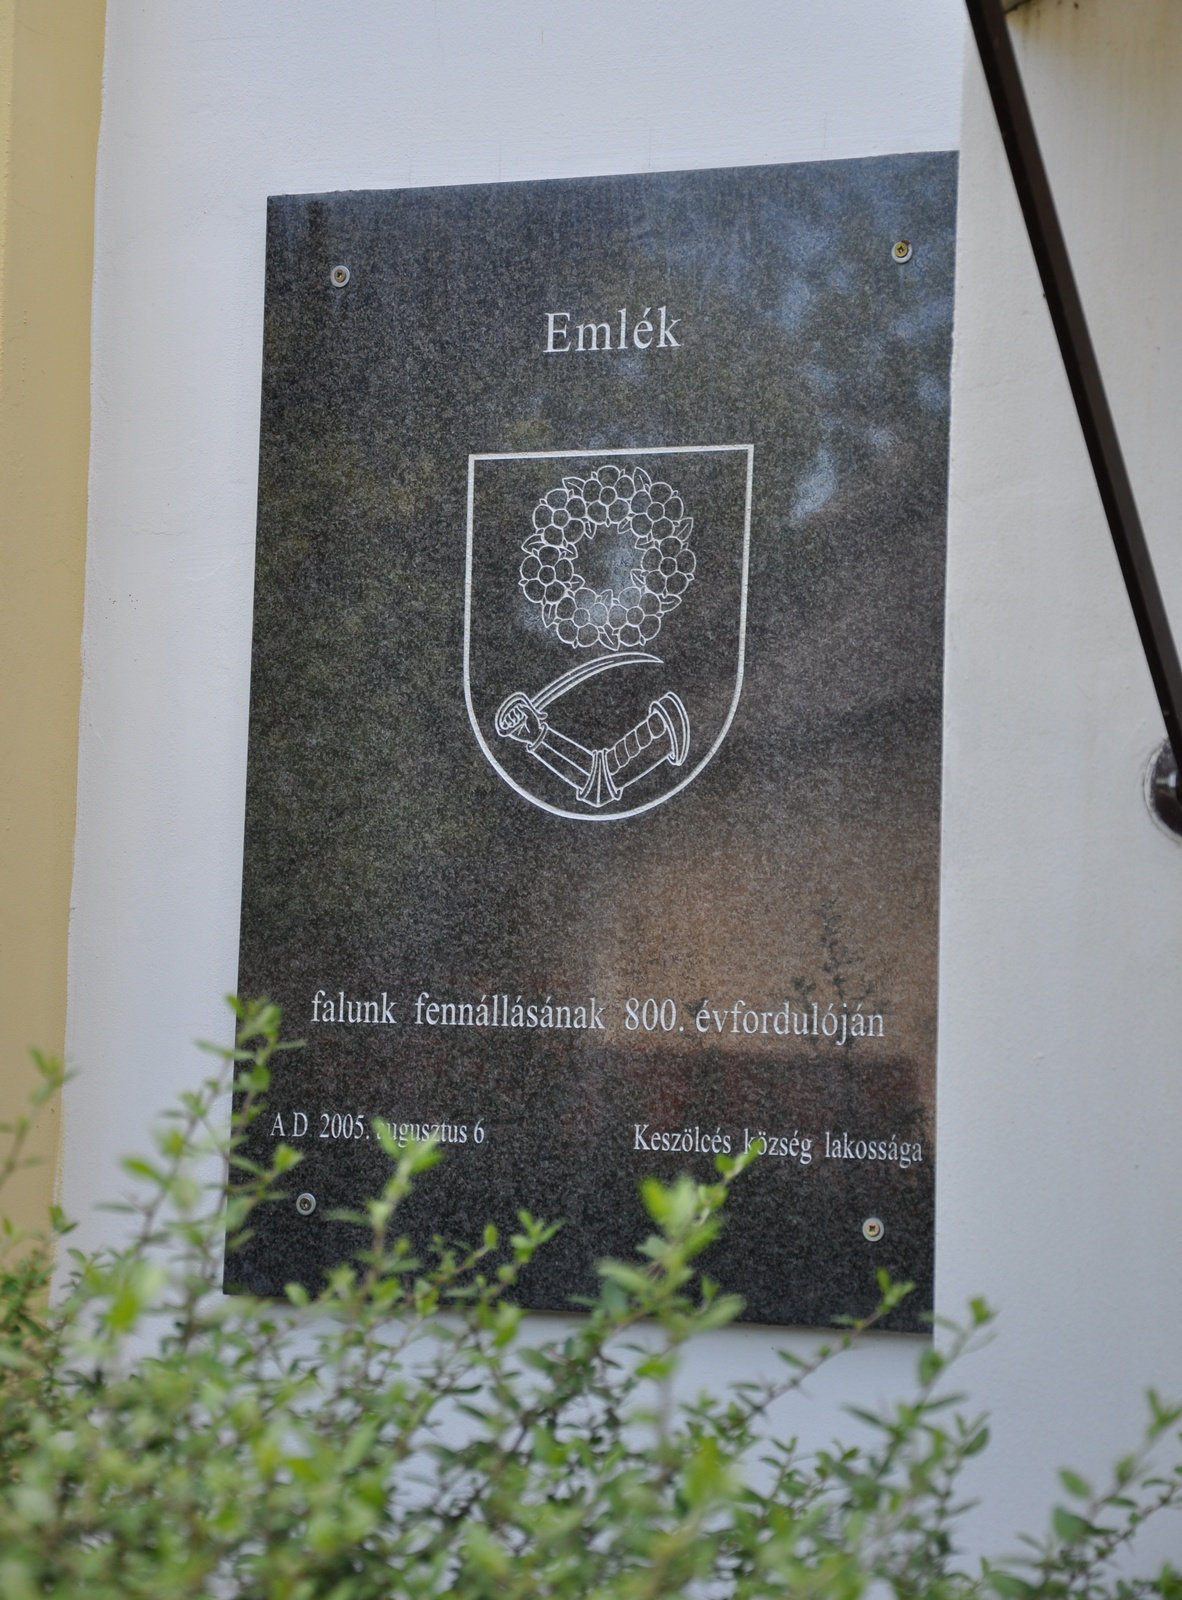 Emléktábla Keszölcés község fennállásának 800. évfordulójára